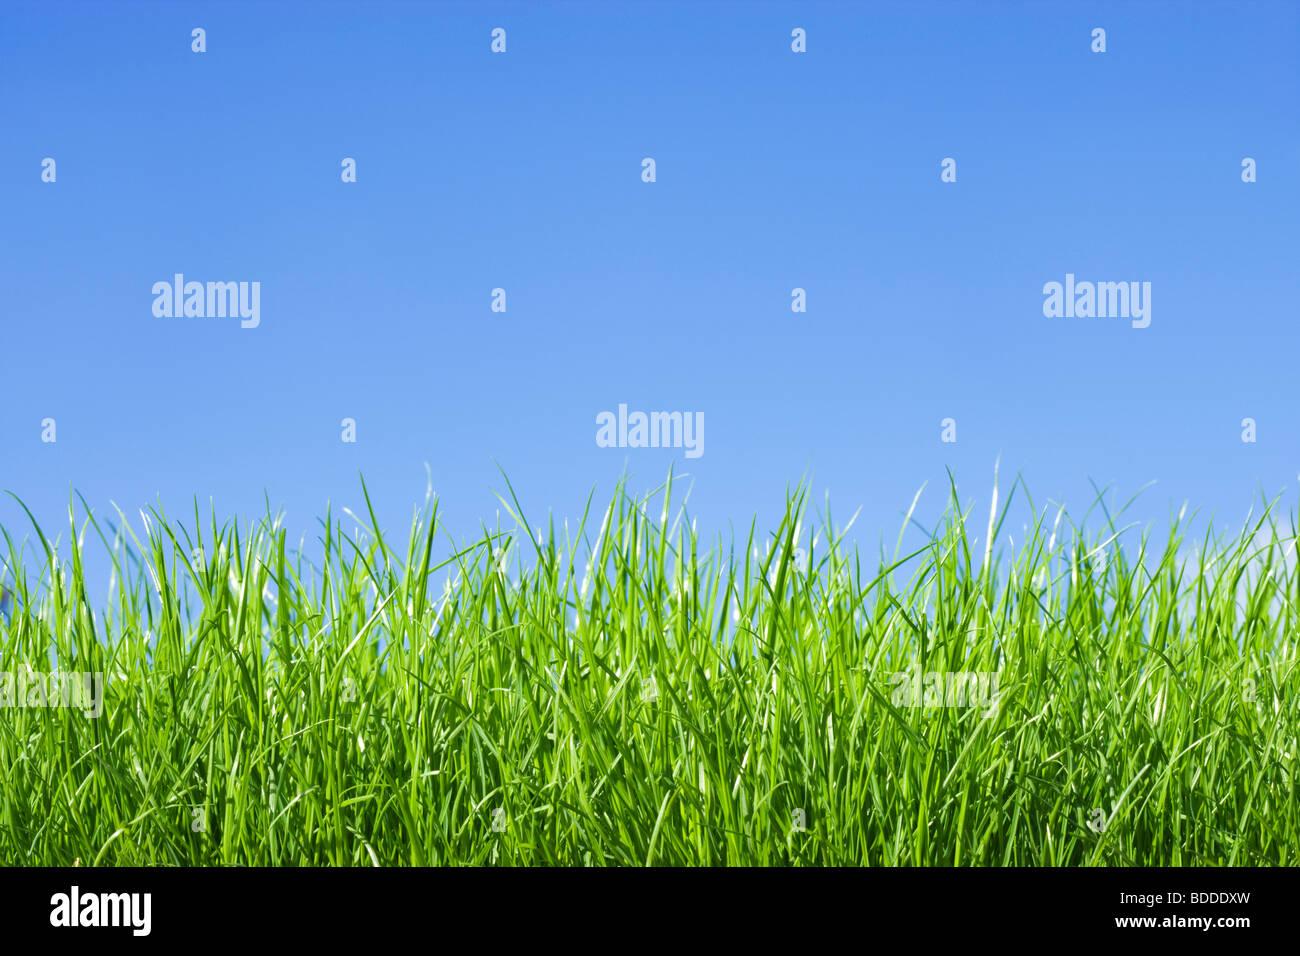 La hierba, bajo el ángulo contra el cielo azul Imagen De Stock